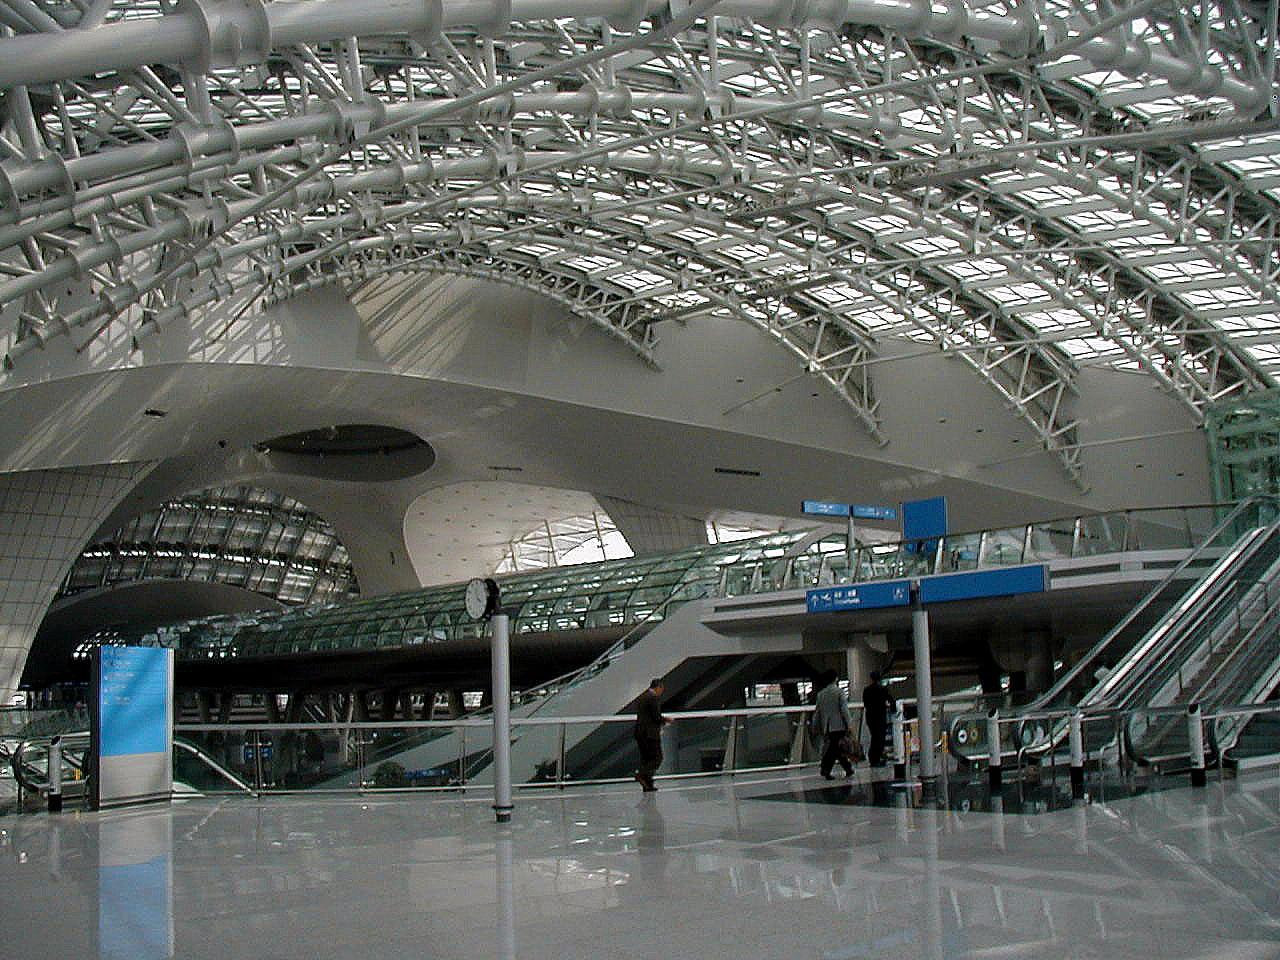 仁川国際空港がすごい!レストランから人気お土産まで何でも揃う!